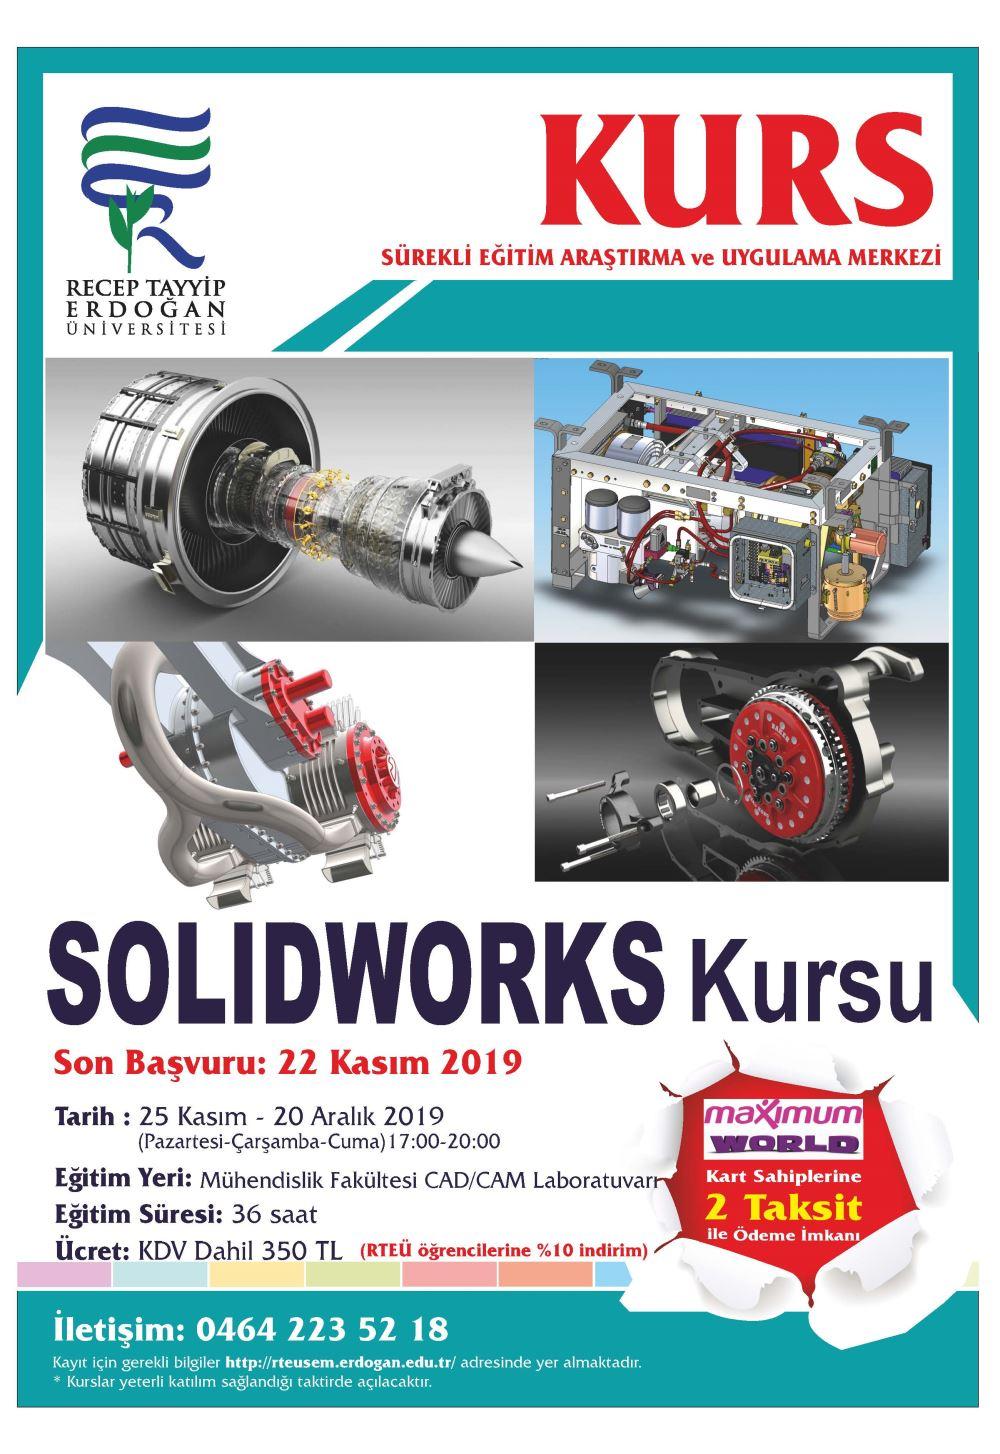 Solidworks Kurs Afişi